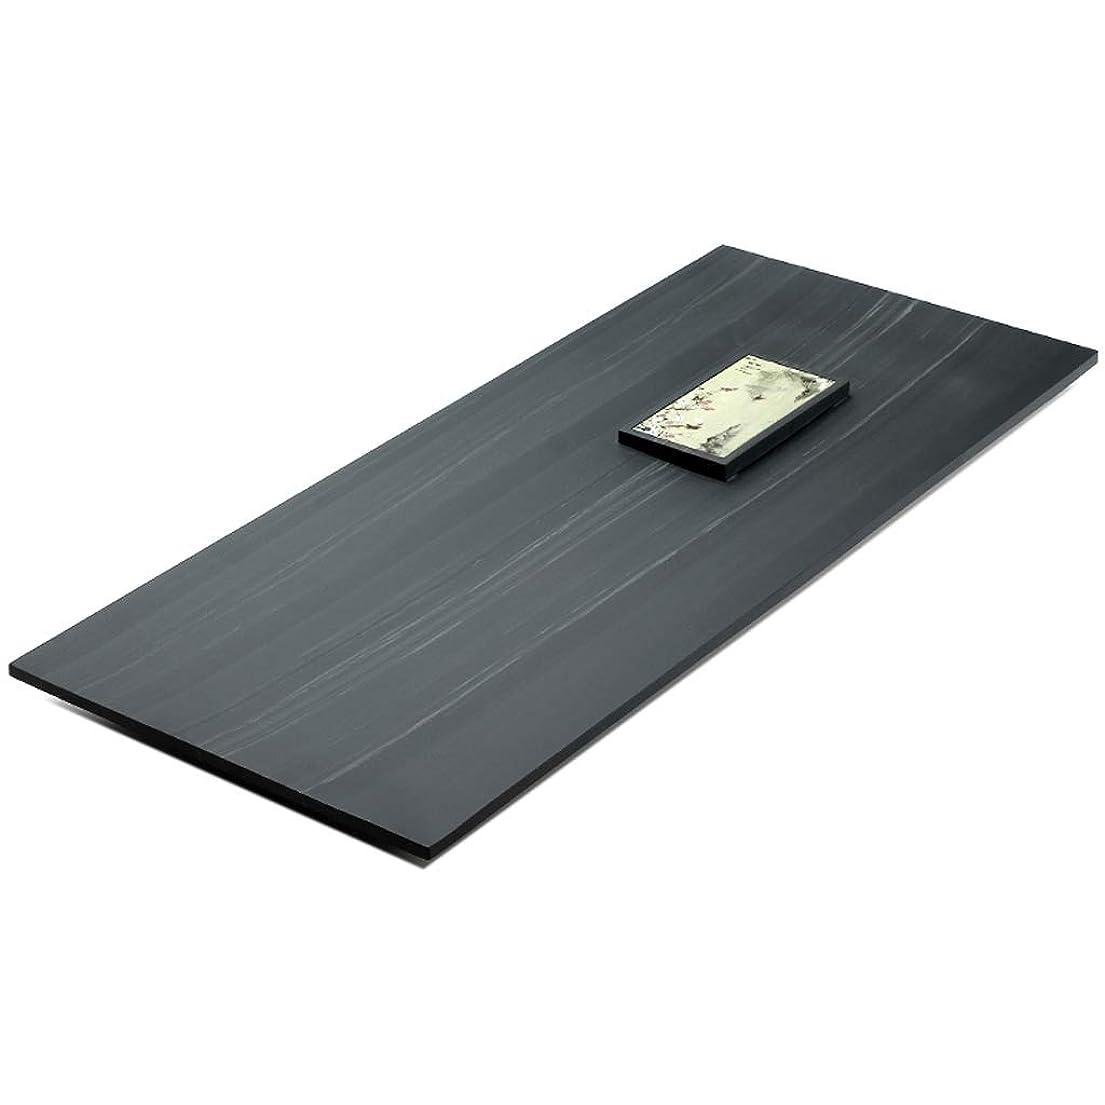 形容詞症状絞るティートレイ 中国のカンフーティートレイ ファッショナブルな武進ストーンティートレイ 日本の長方形のティーテーブル 禅ティー ホームシンプルなティーテーブル 耐久性 (Size : 80x35x3cm)